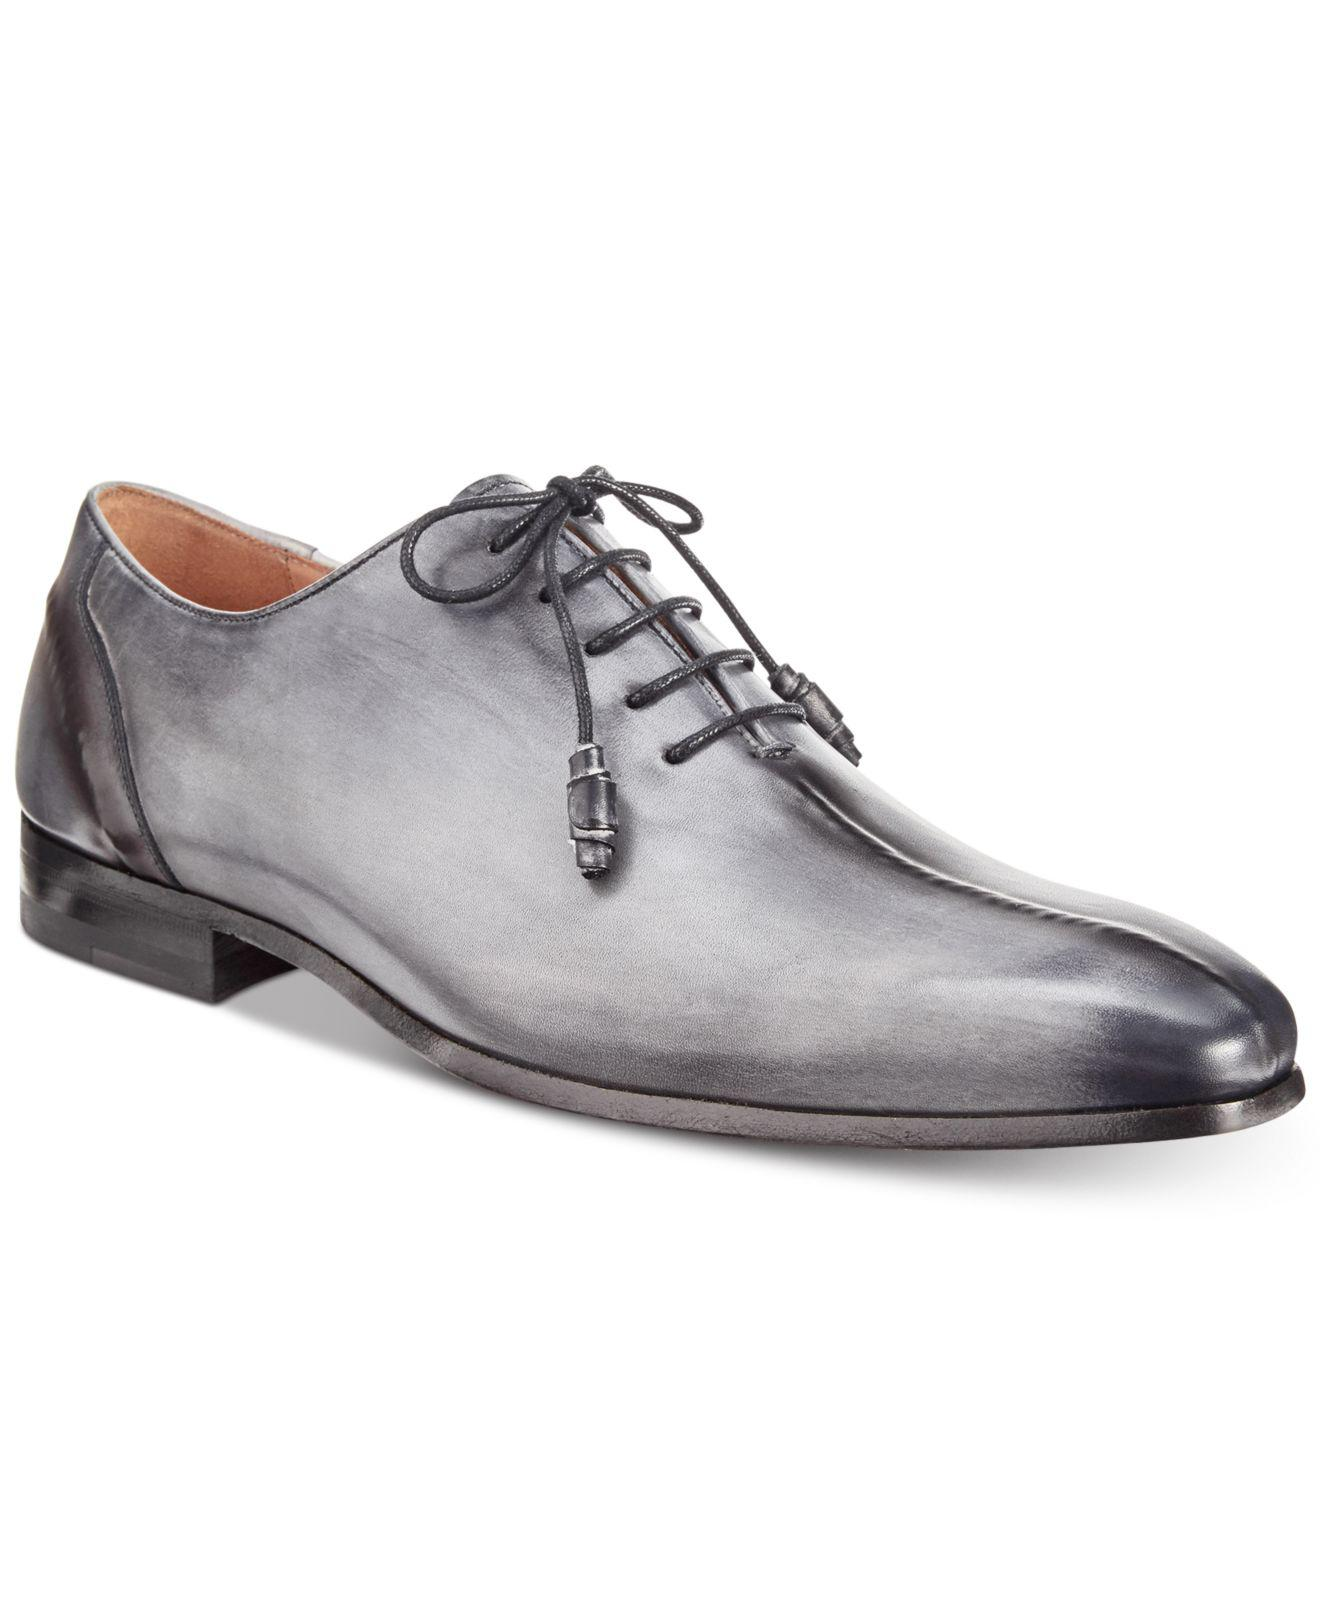 cheap sneakernews free shipping store Mezlan Men's Jean 8047-COGNAC Co... Fujs54y9